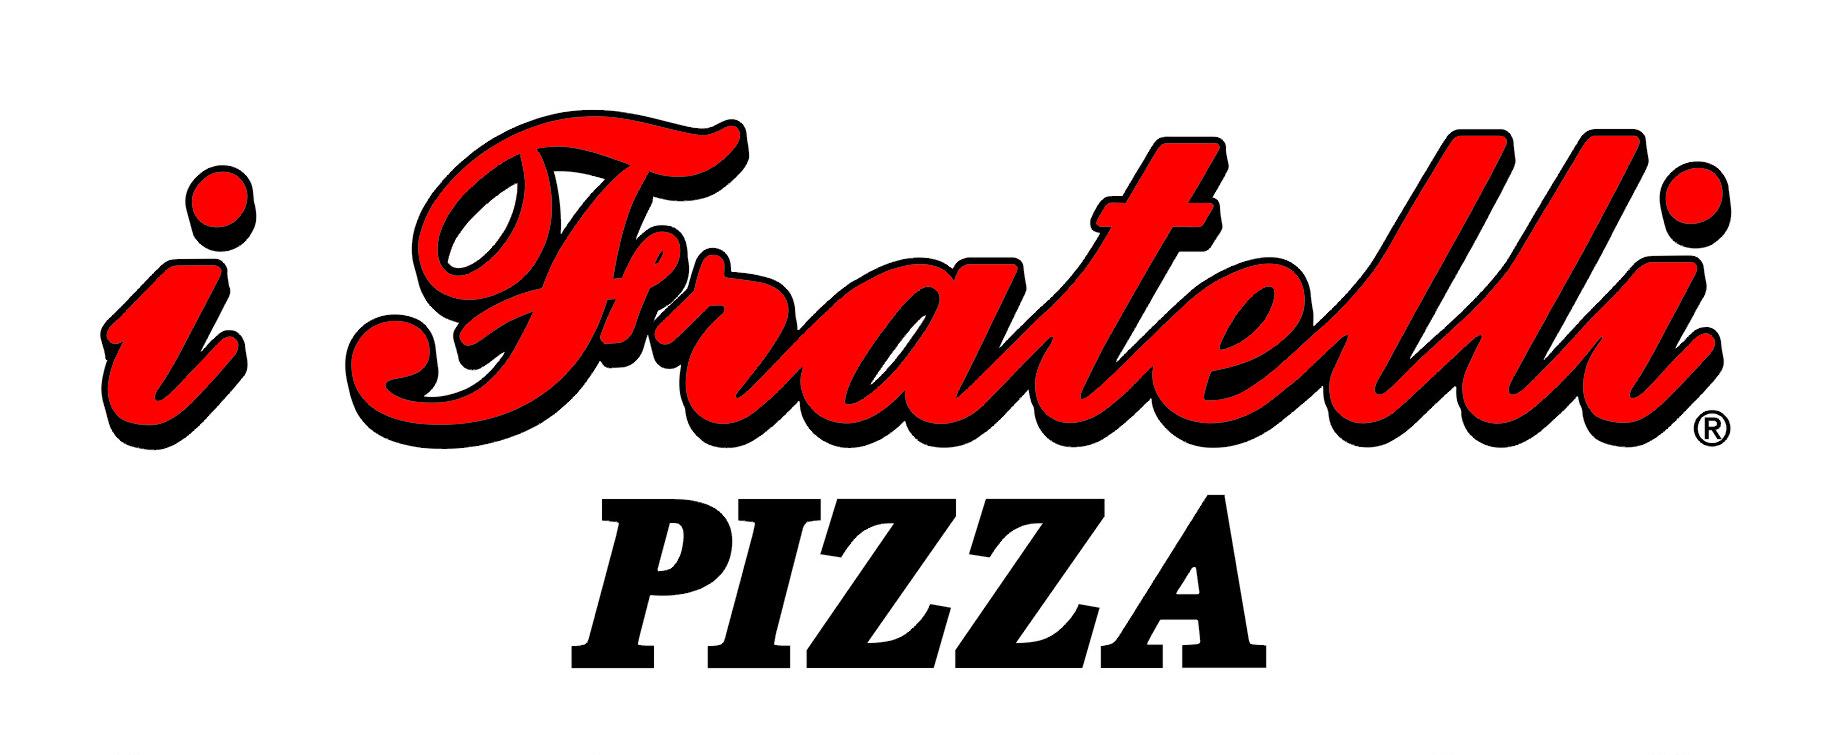 i-fratelli-pizza-logo.jpg